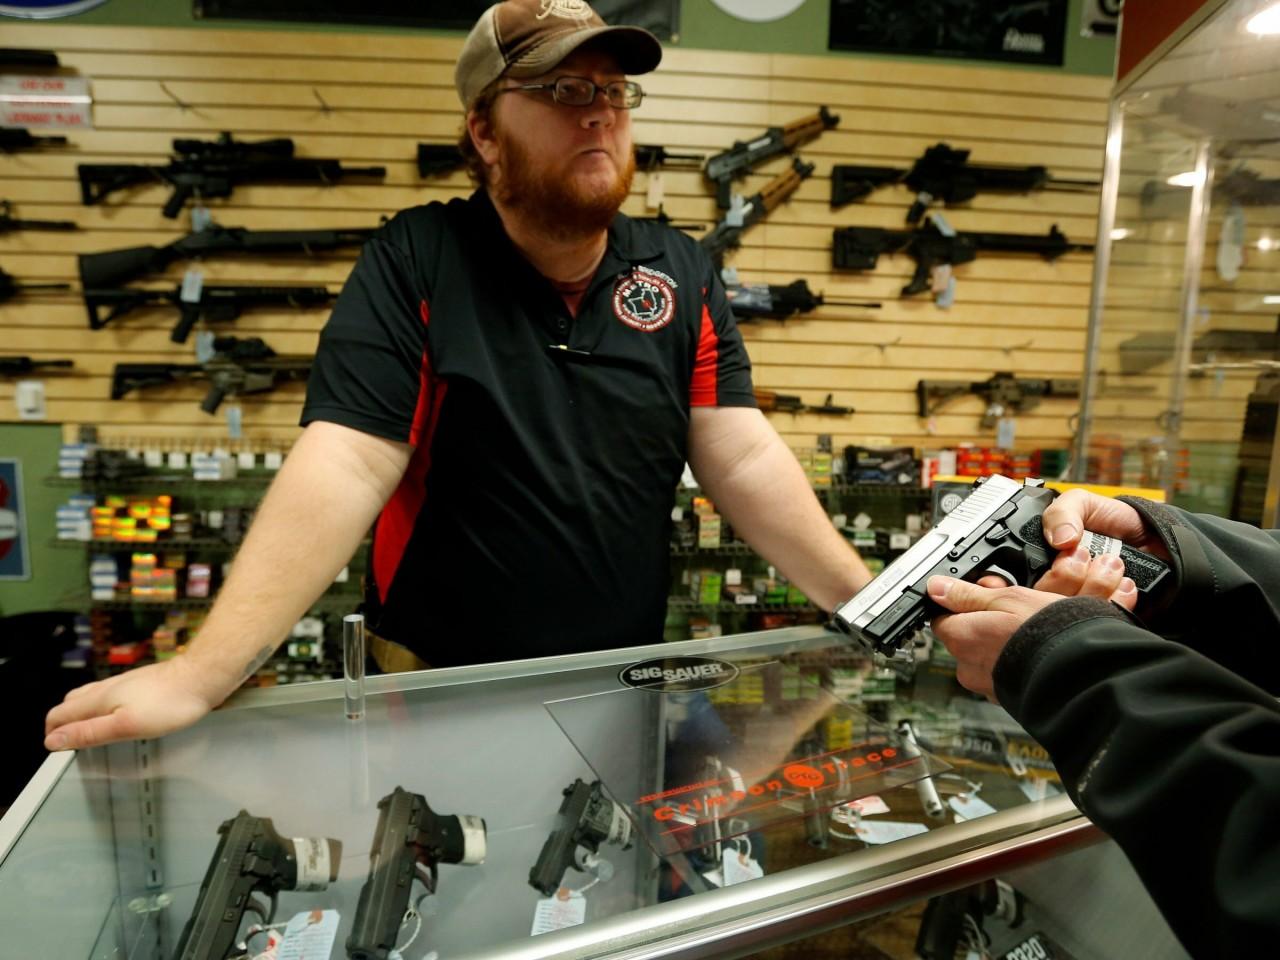 Оружие, которое можно купить в ломбарде в США